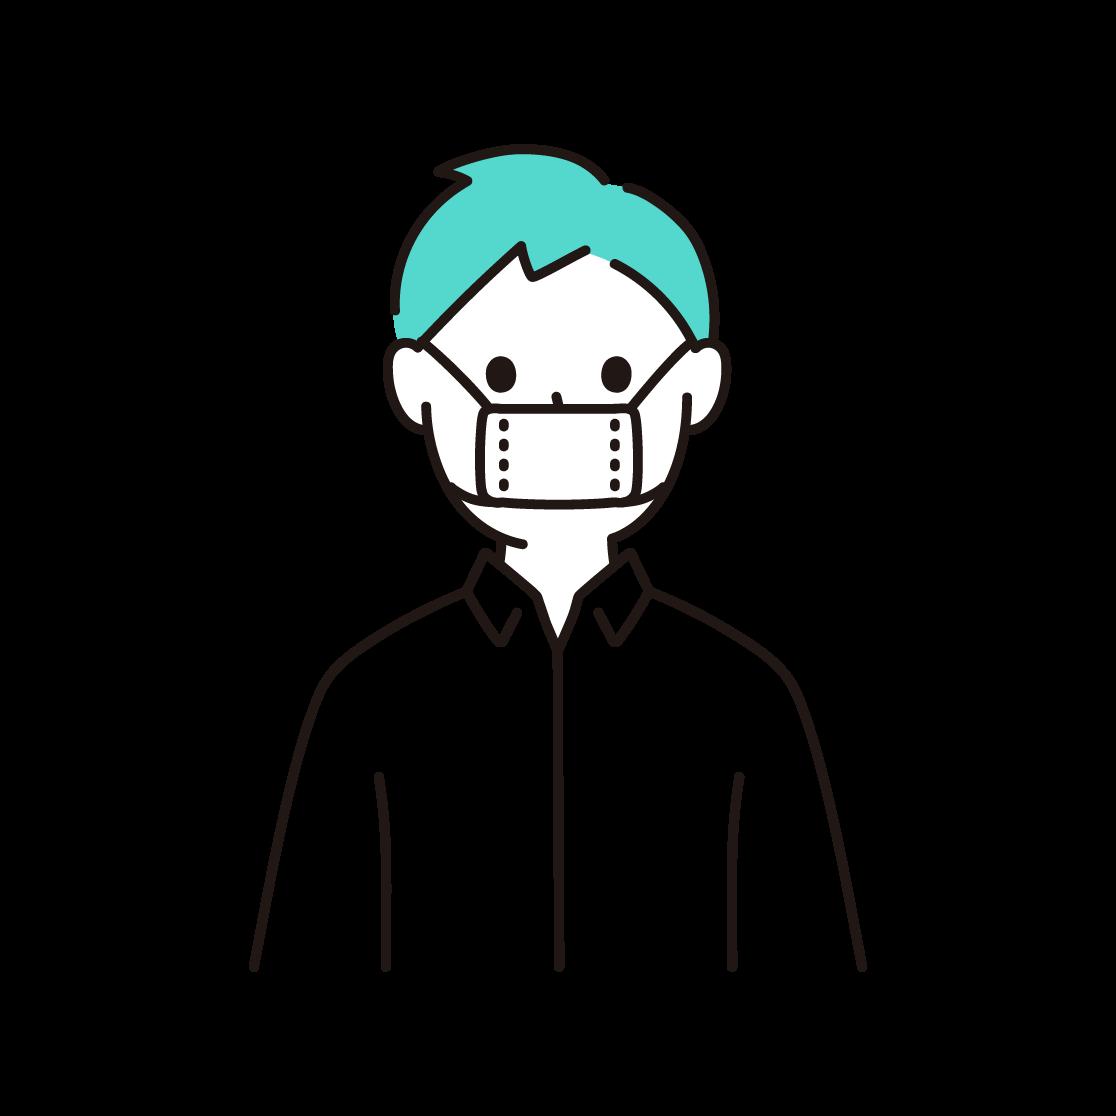 サイズの小さな布マスクをする人の単色イラスト